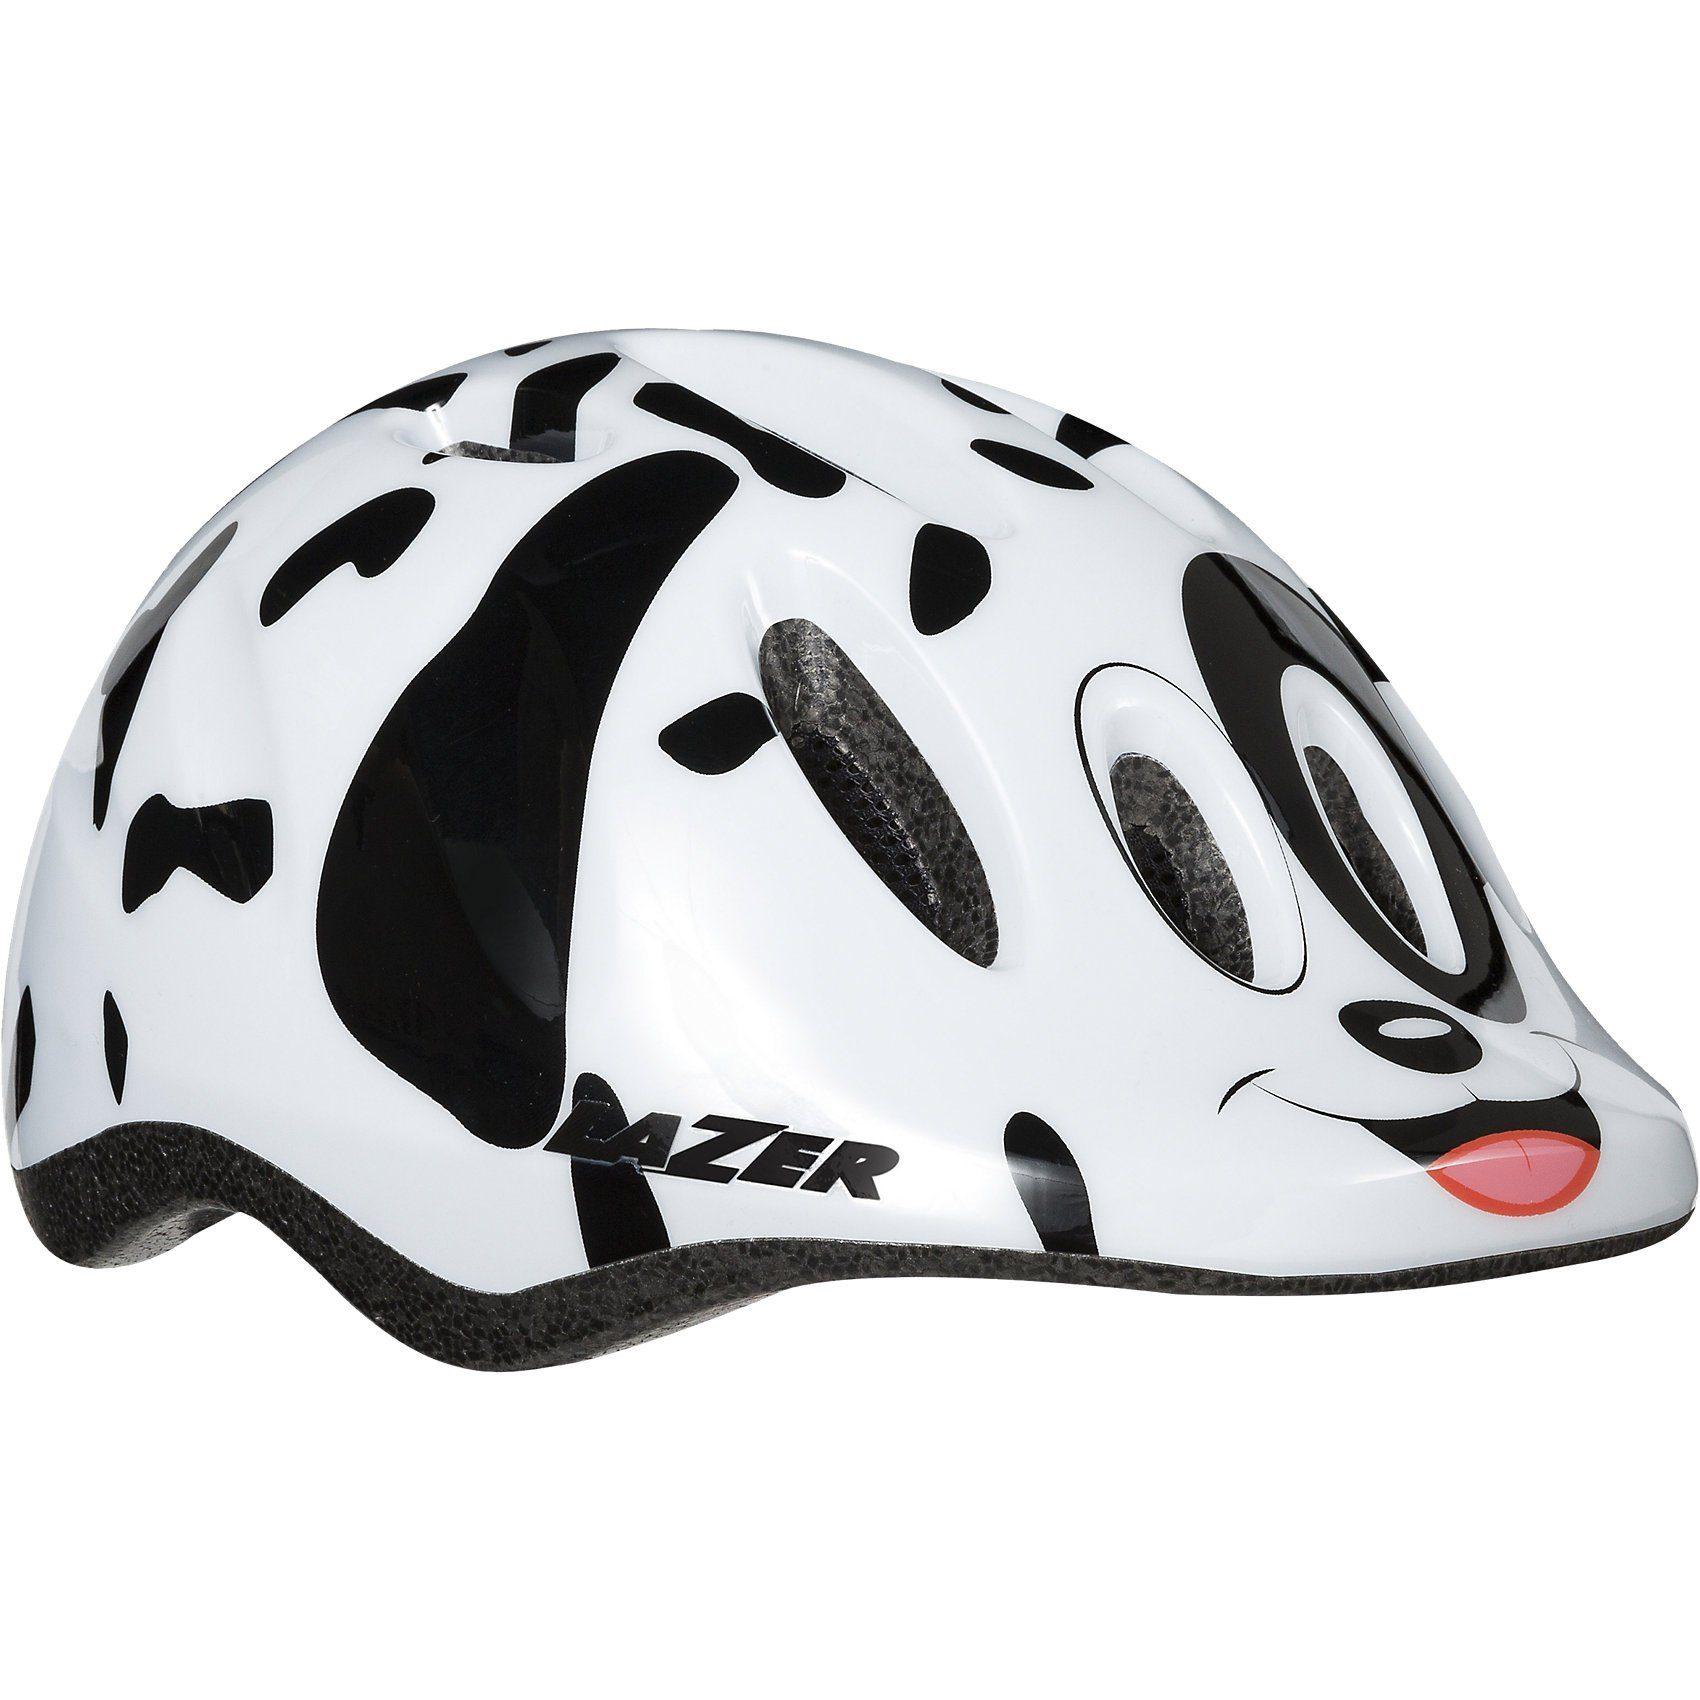 Lazer Fahrradhelm Max+ Puppy Gr. 49-56, weiß-schwarz